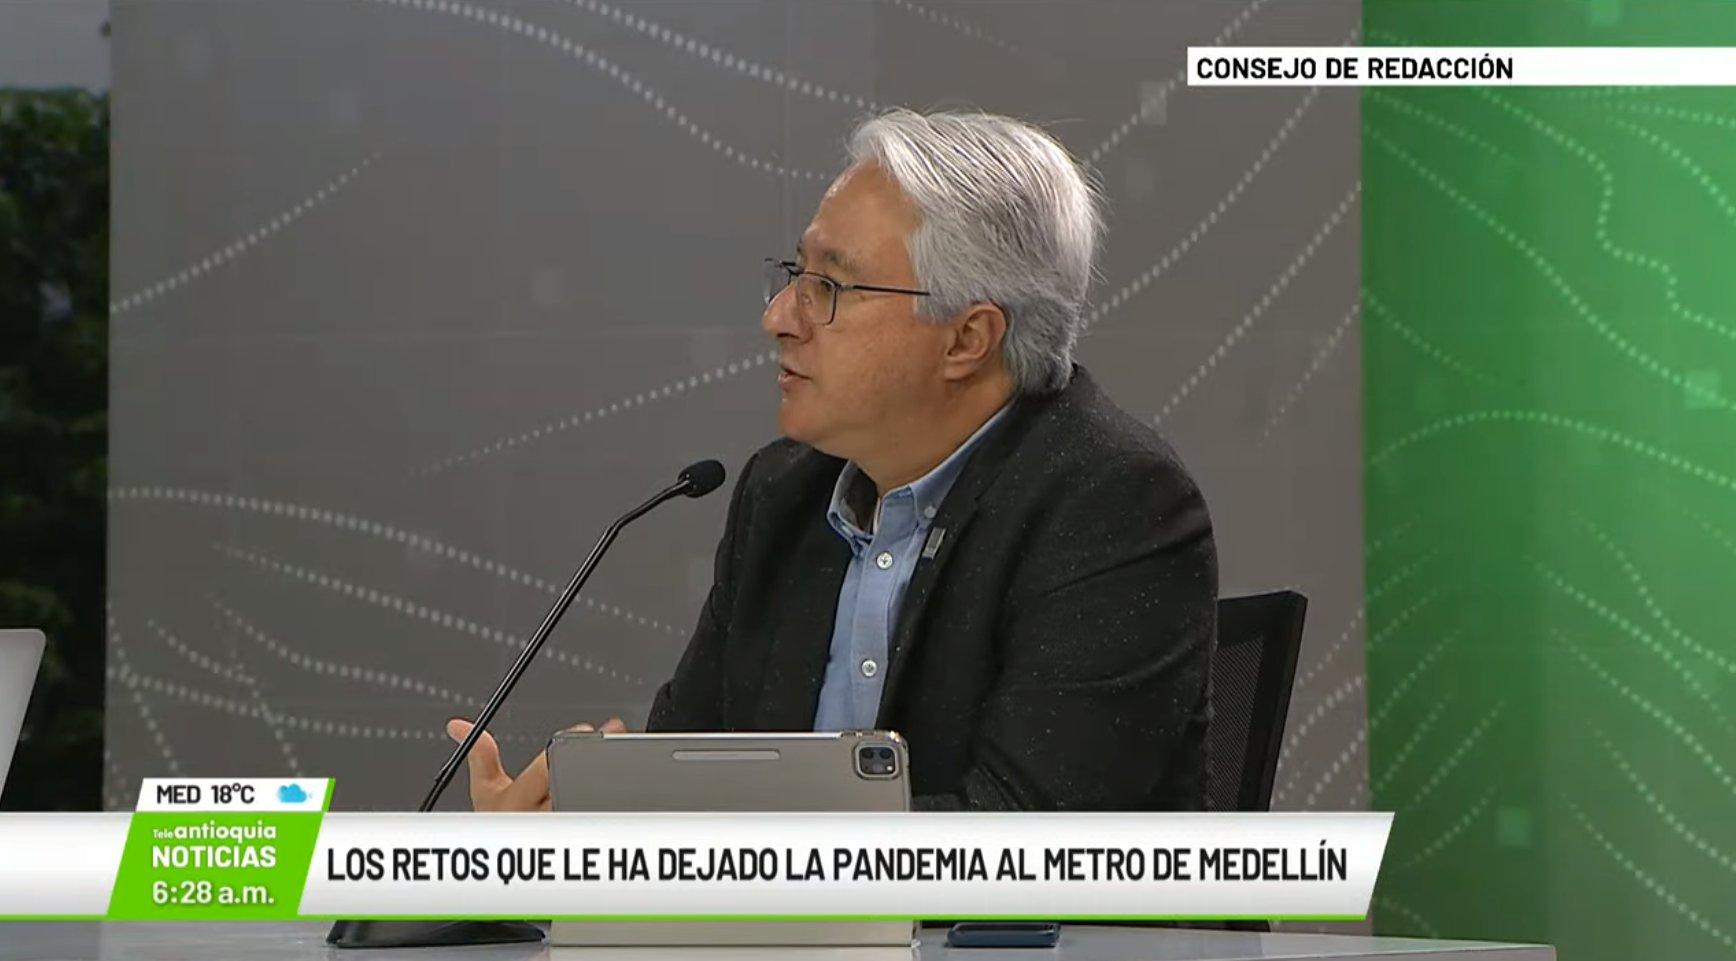 Entrevista con Tomás Elejalde Escobar, gerente del Metro de Medellín